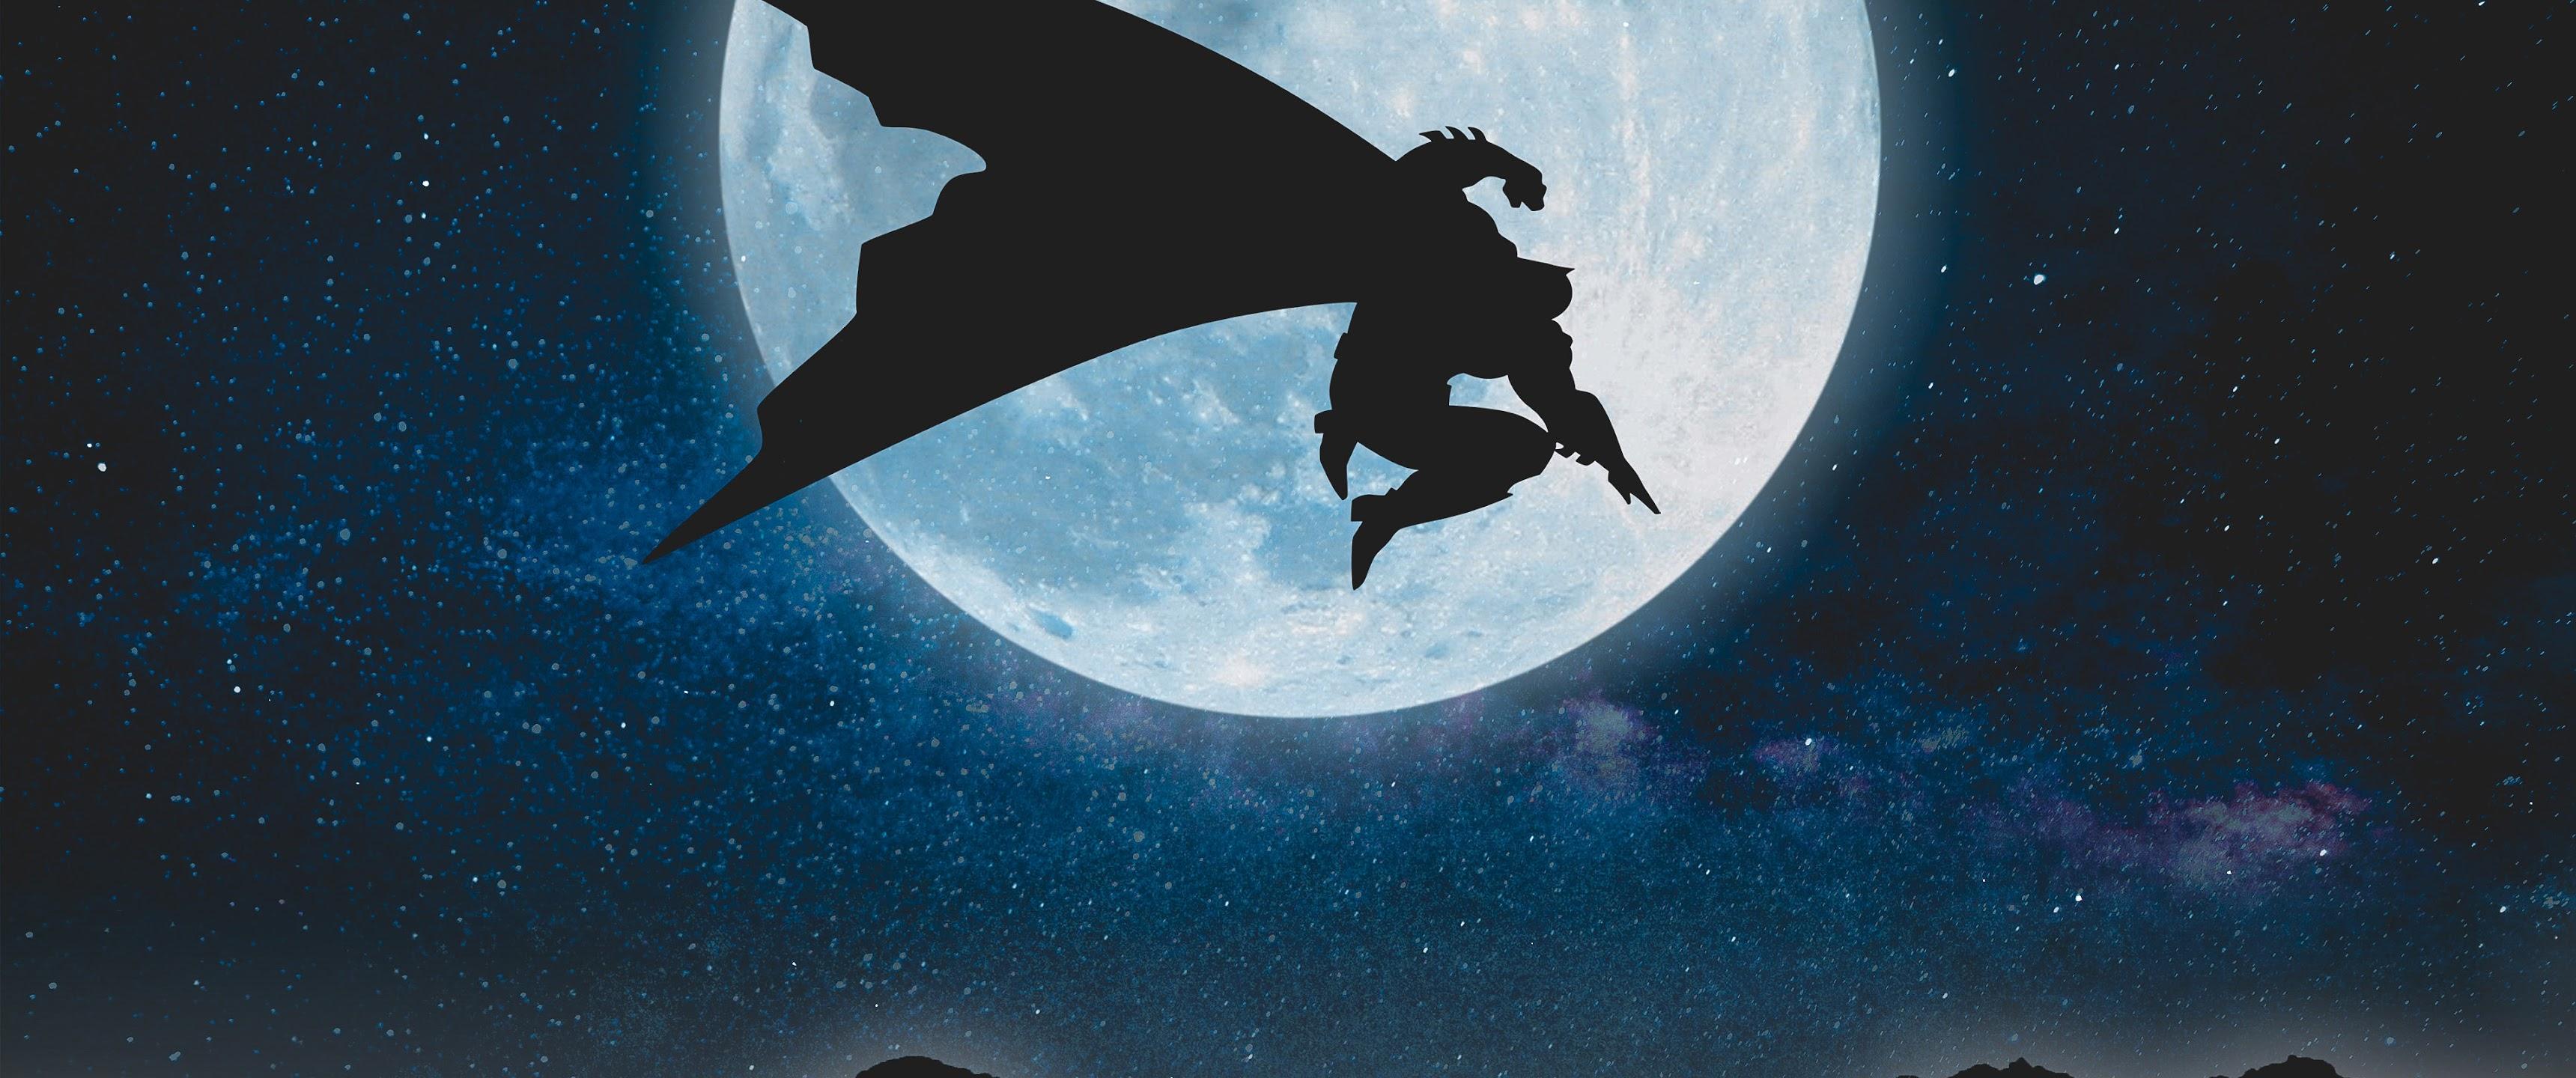 Batman Minimalist 4k Wallpaper 167